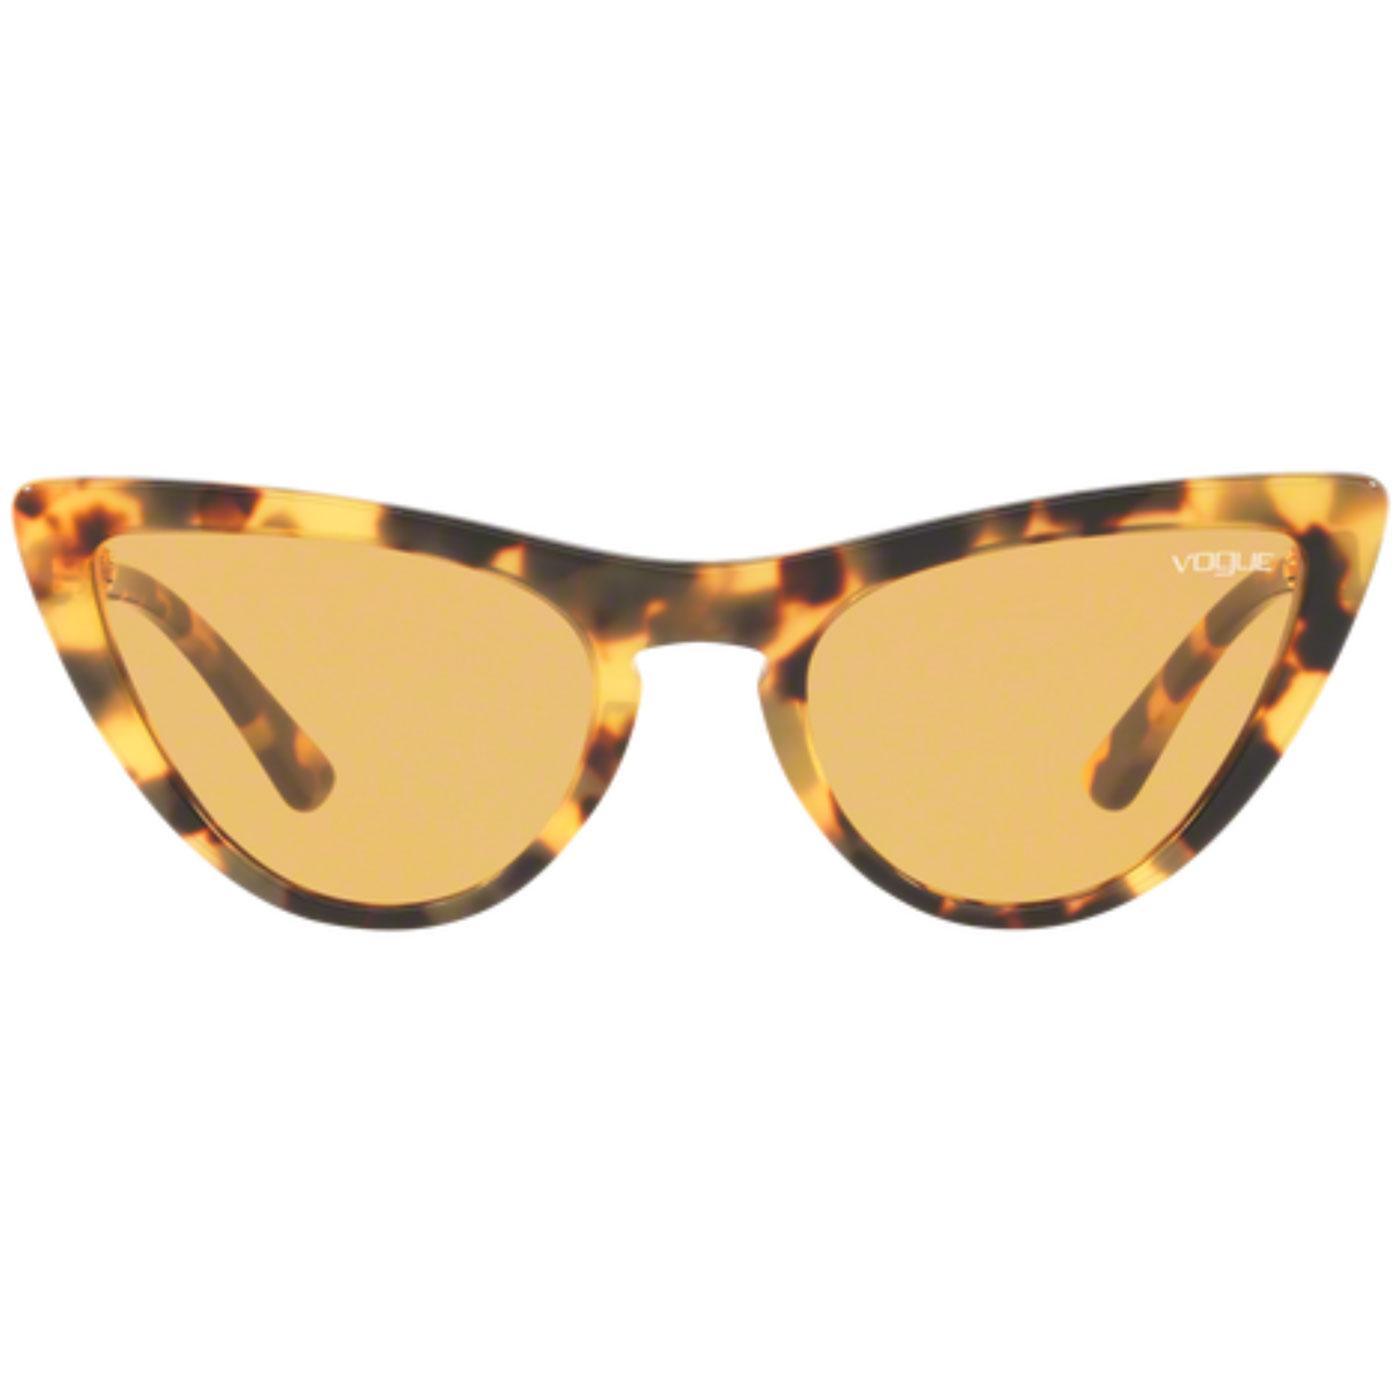 GIGI HADID x VOGUE Retro 50s Cats-Eye Sunglasses Y